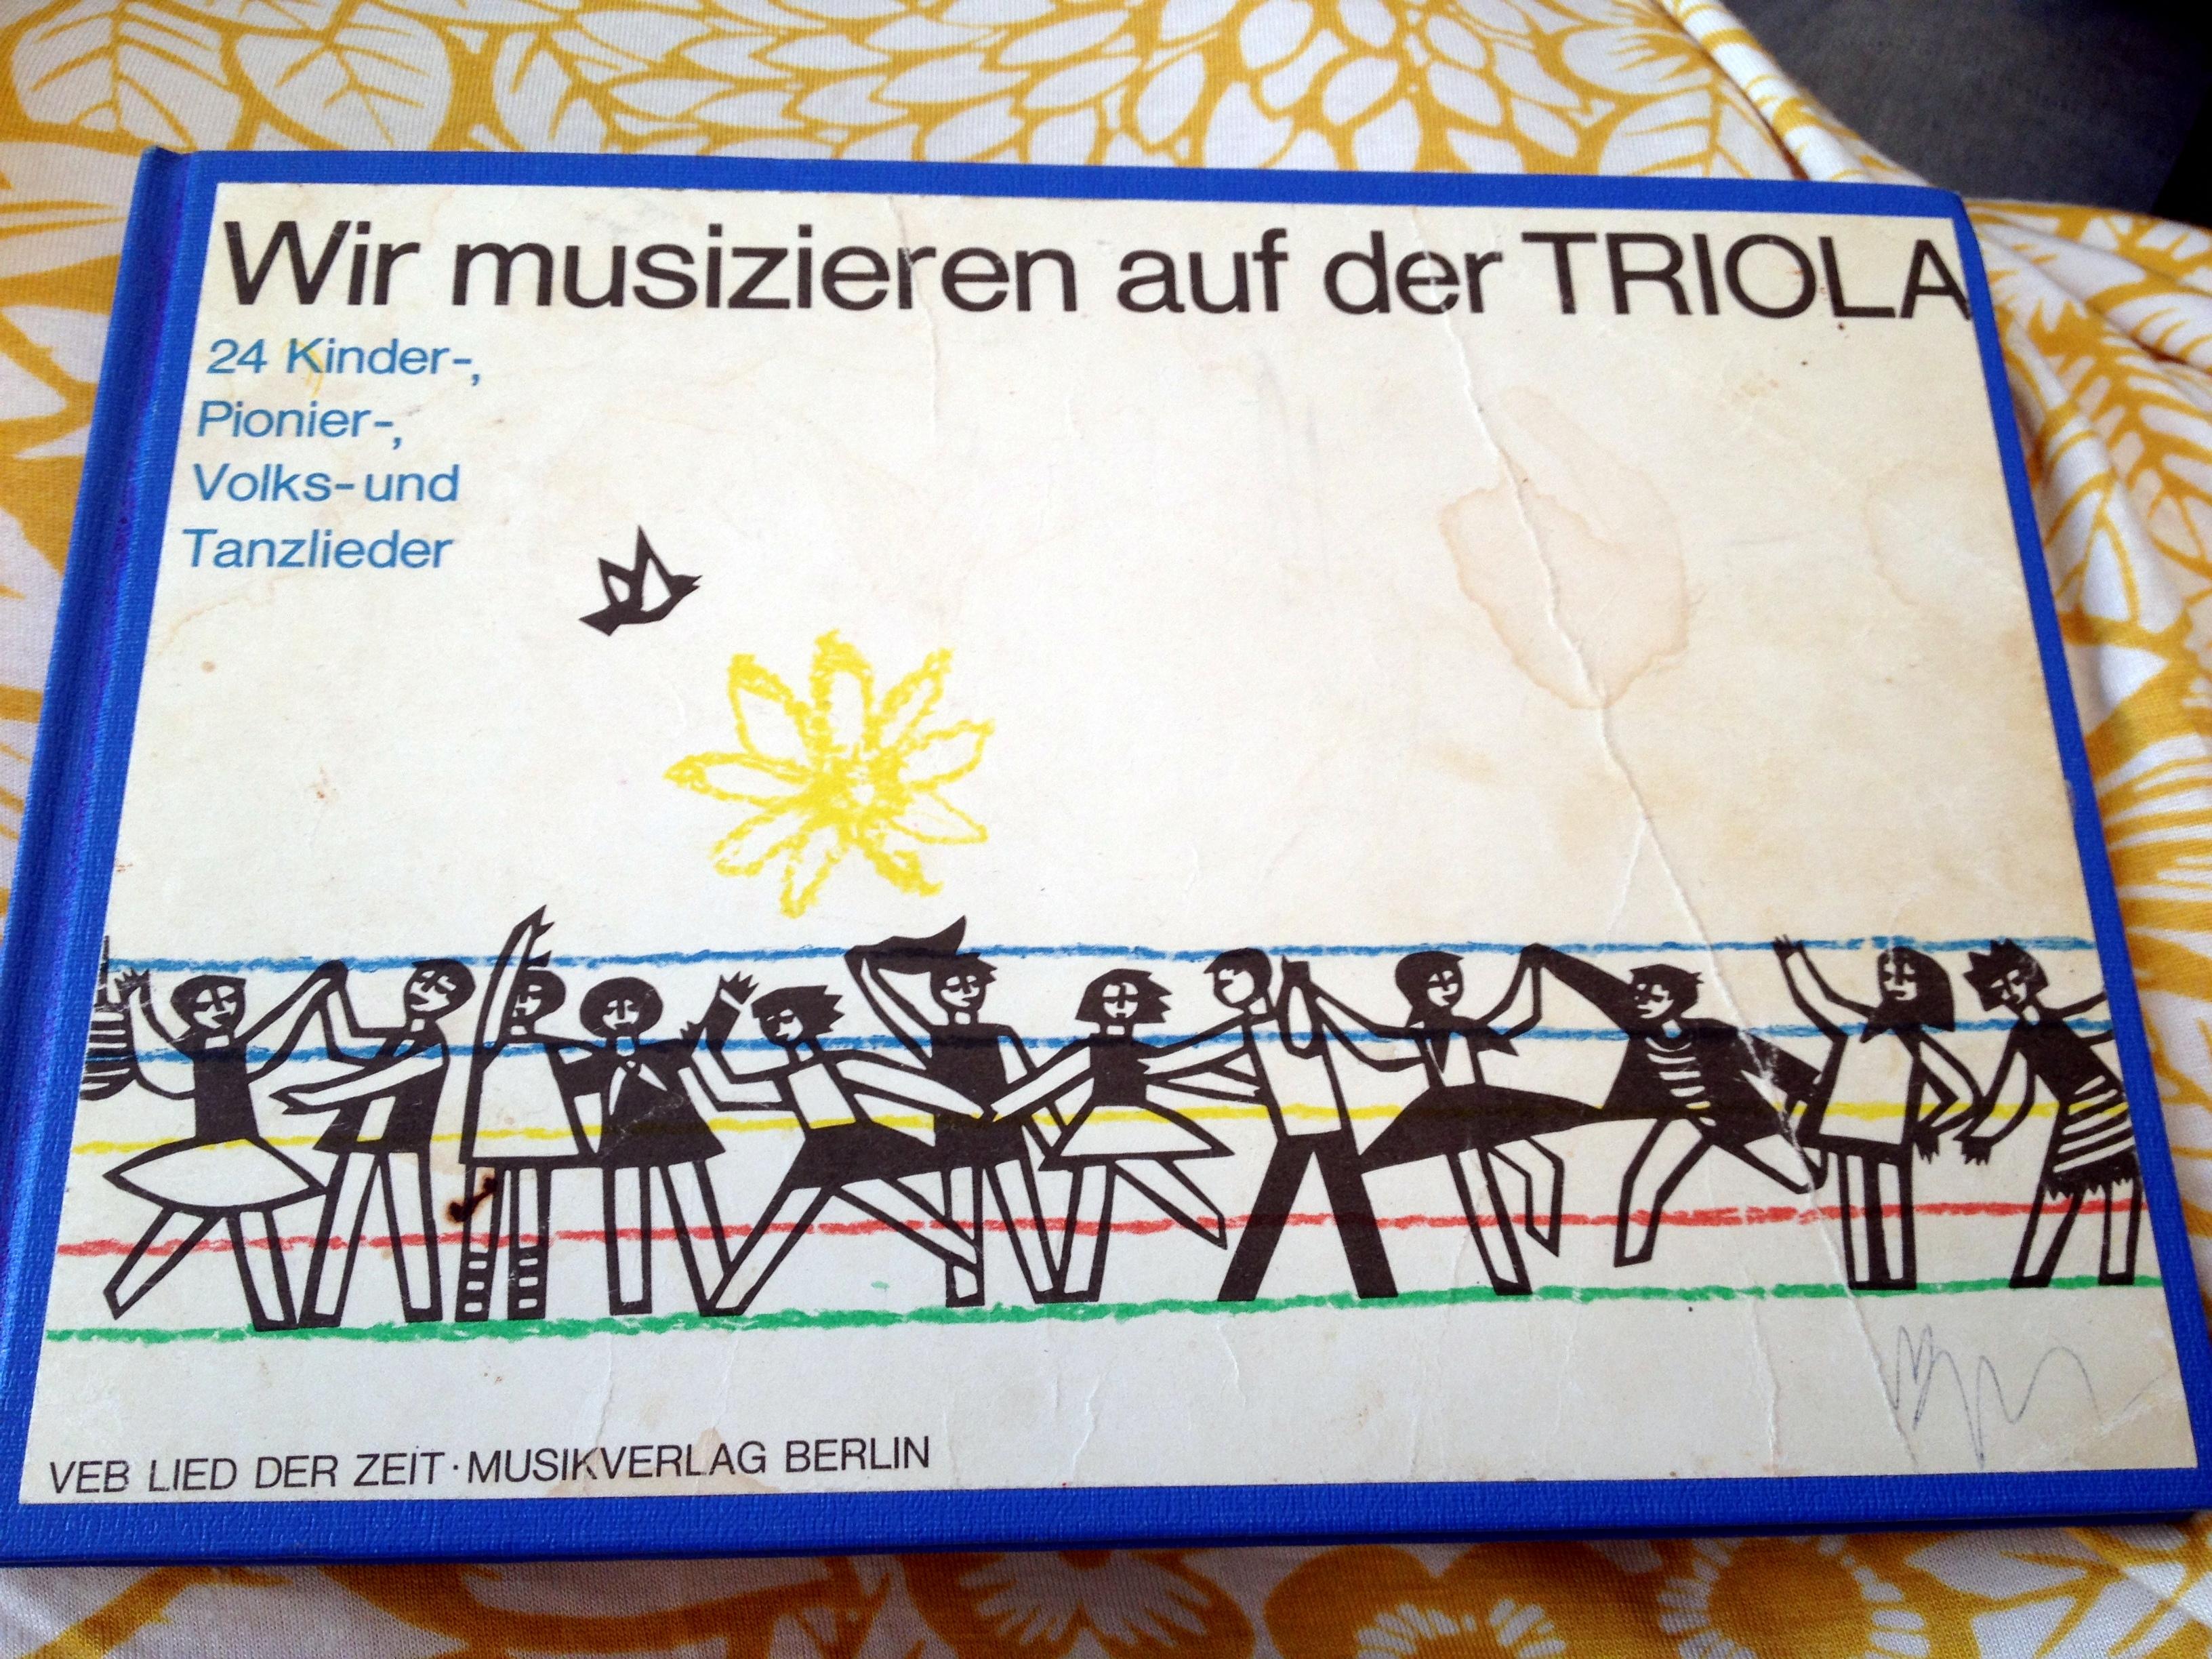 Willibald Winkler, Wir musizieren auf der Triola. Berlin: VEB Lied der Zeit, 1976.